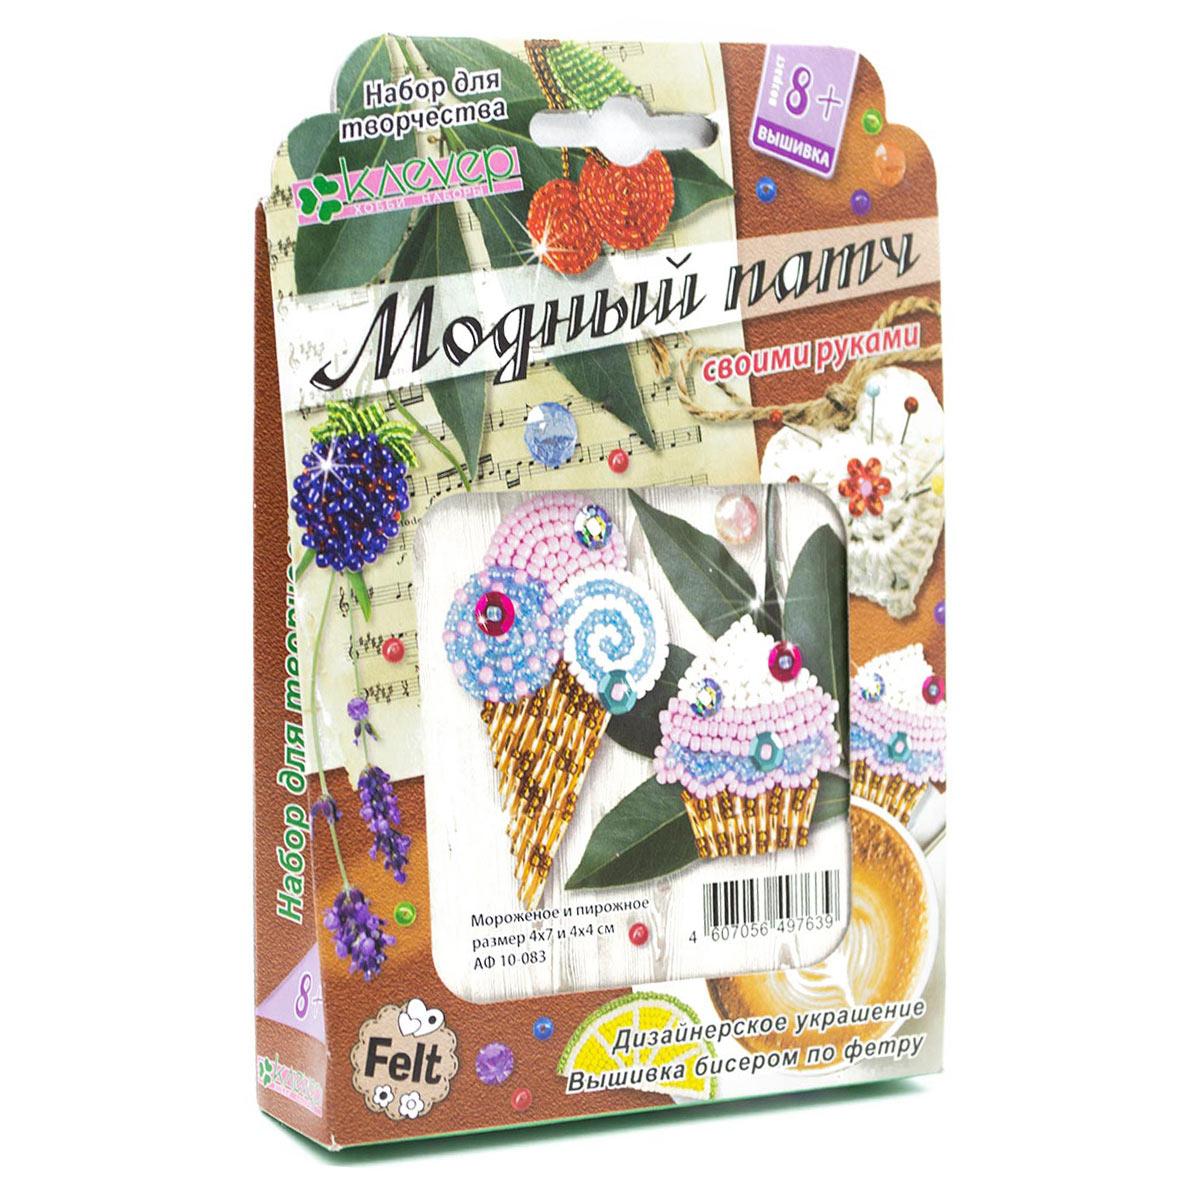 АФ 10-083 Набор для патча 'Мороженое и пирожное' 2 фигурки:72*43*4мм и 43*40*4мм Клевер